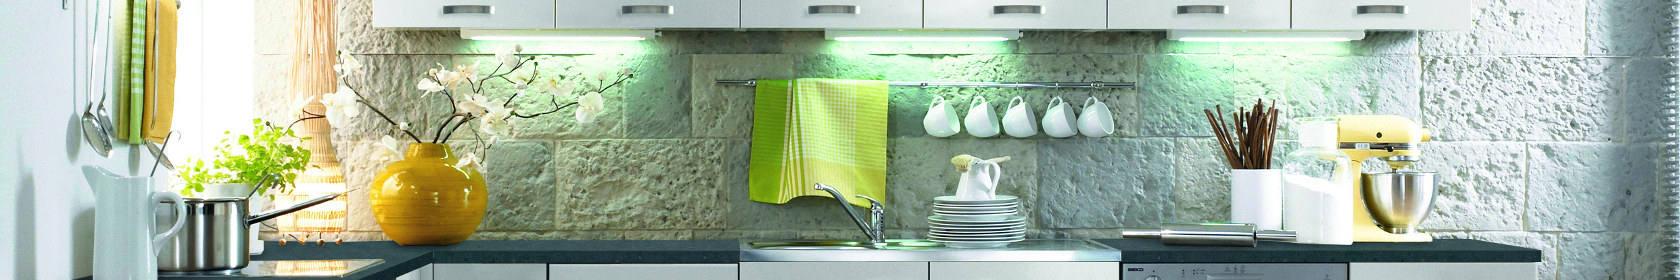 Küchenschränke LUCCA in Weiß